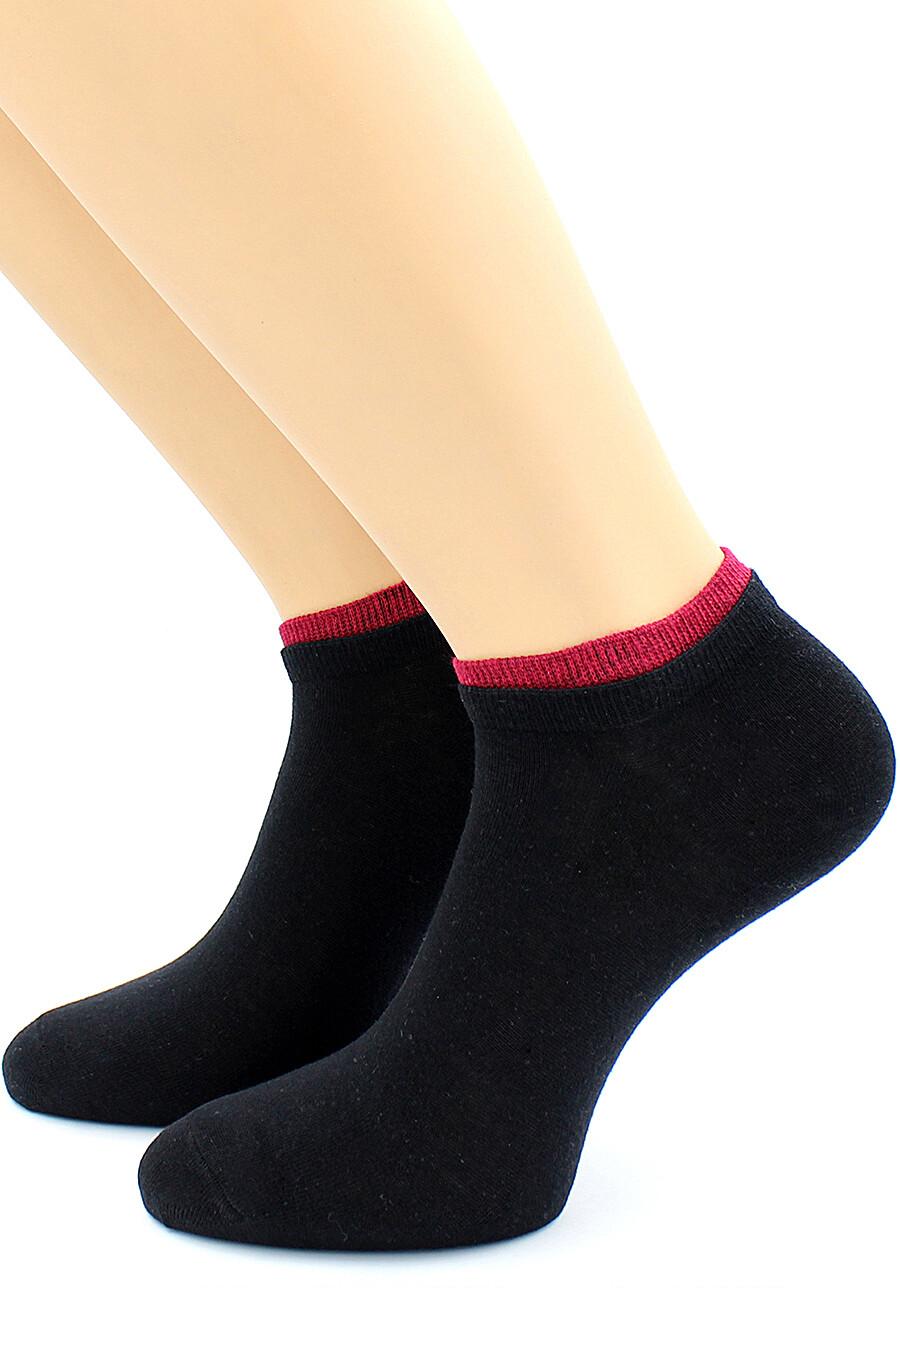 Носки для женщин HOBBY LINE 116343 купить оптом от производителя. Совместная покупка женской одежды в OptMoyo